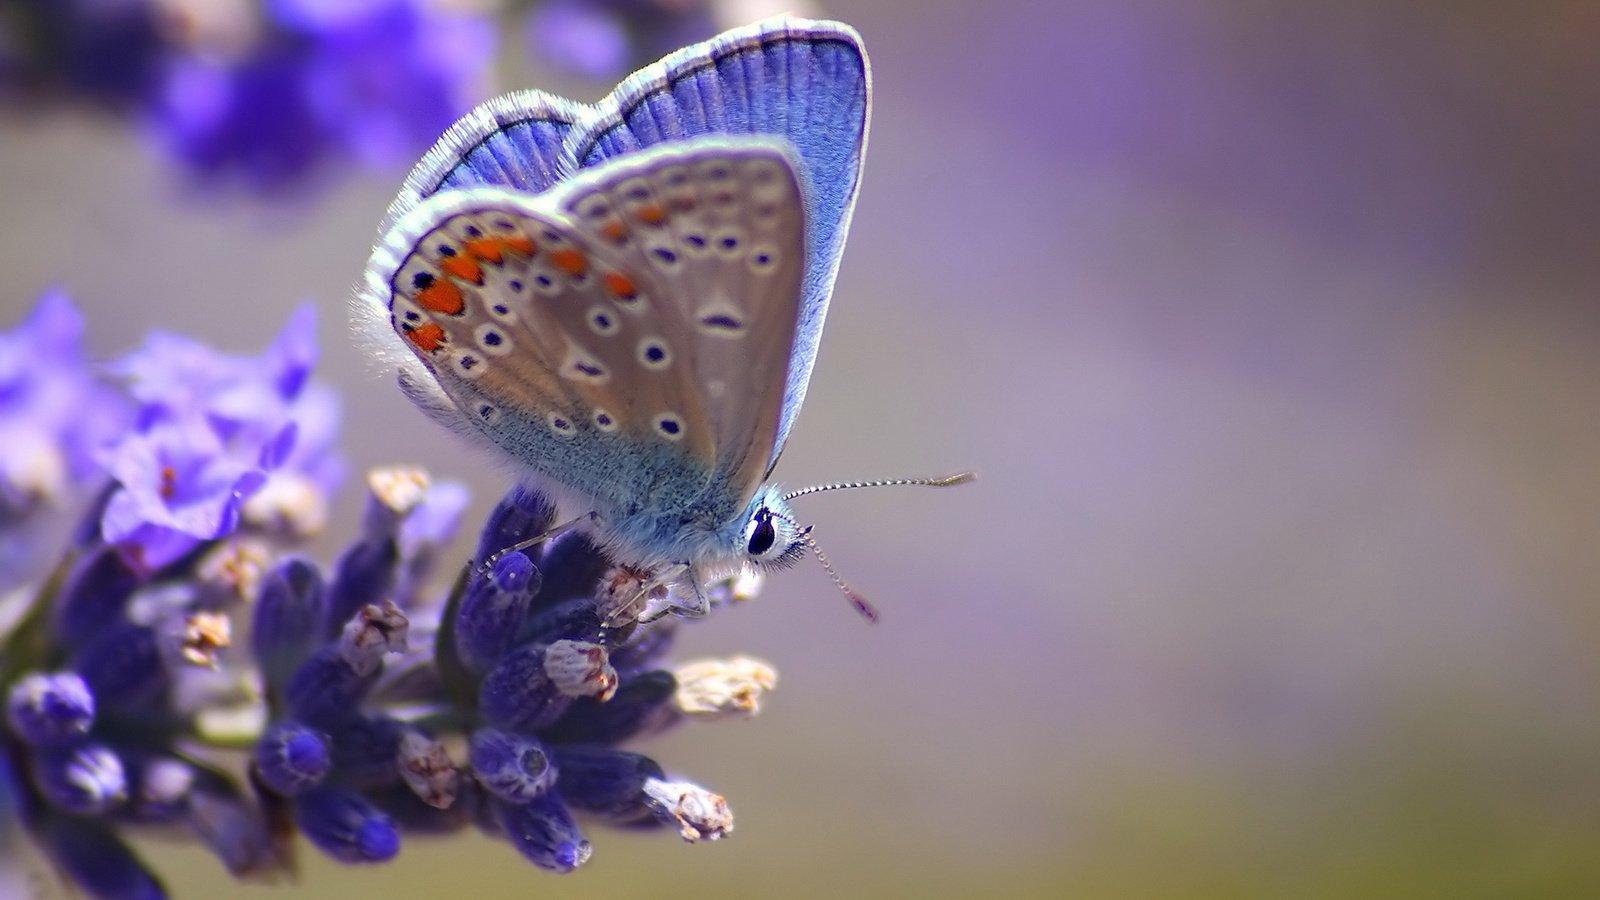 Голубянка красивая.